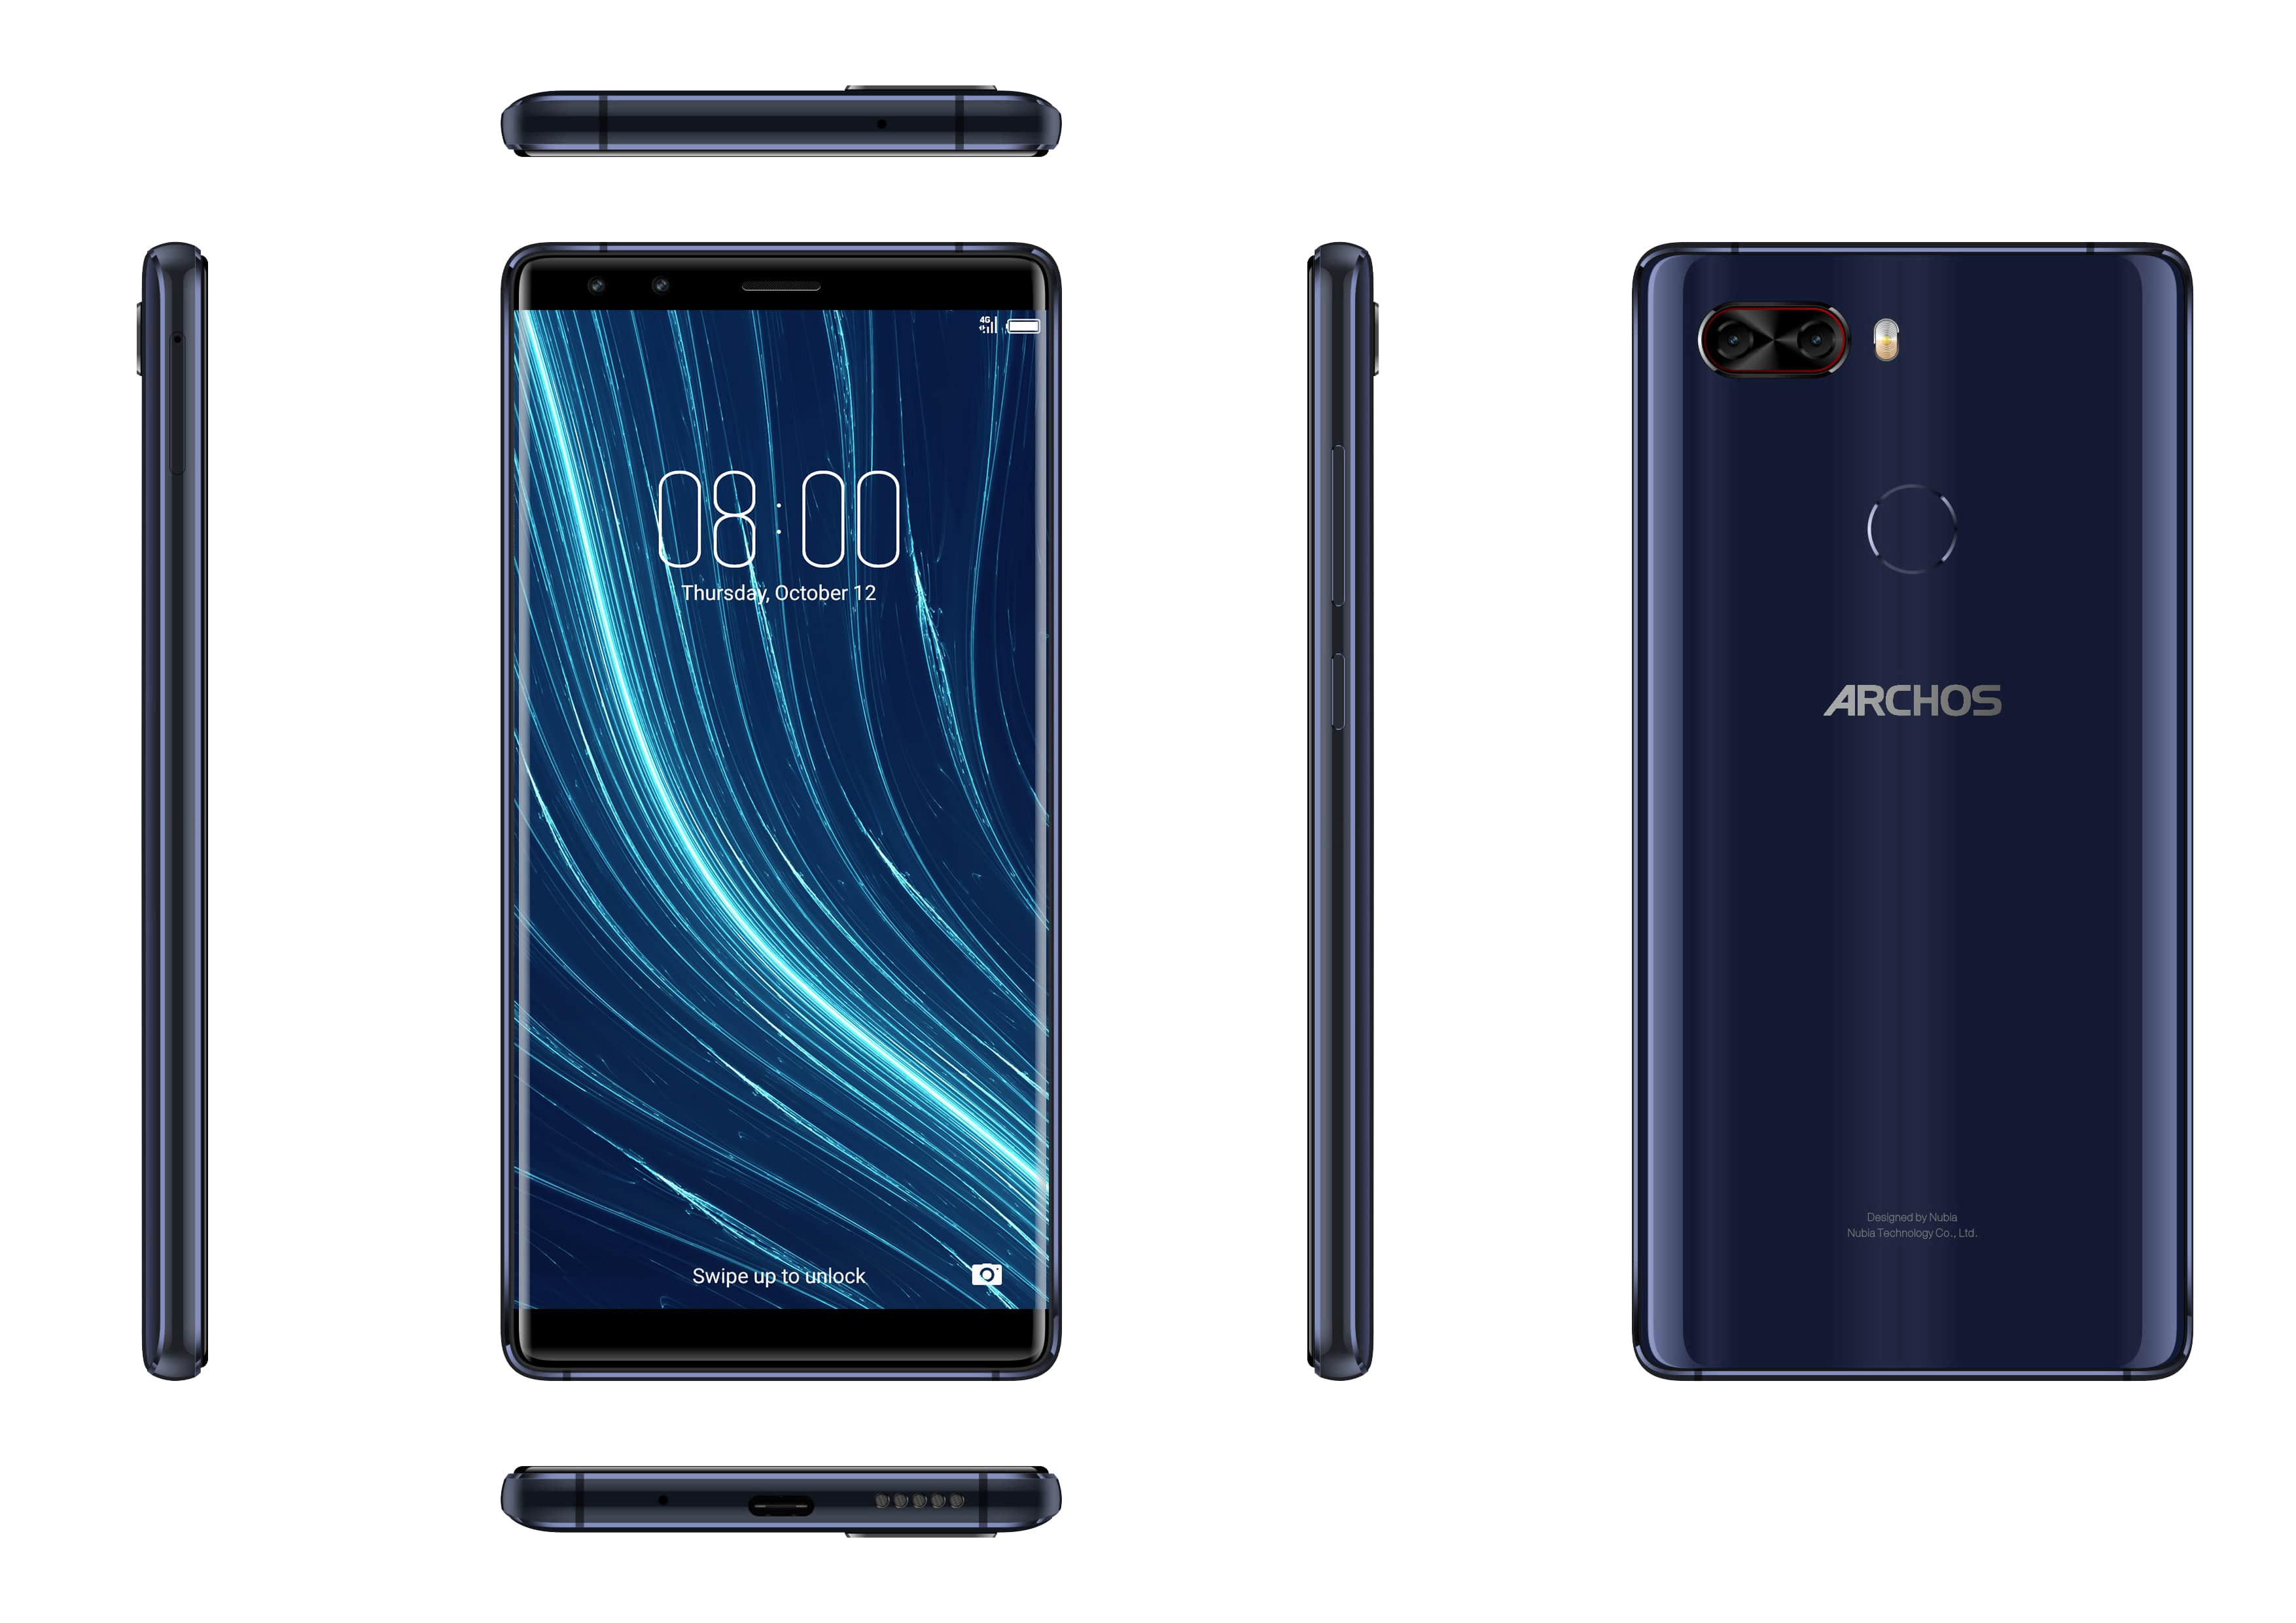 ARCHOS a lansat oficial în România telefon cu 8 GB RAM și 128 GB spațiu de stocare